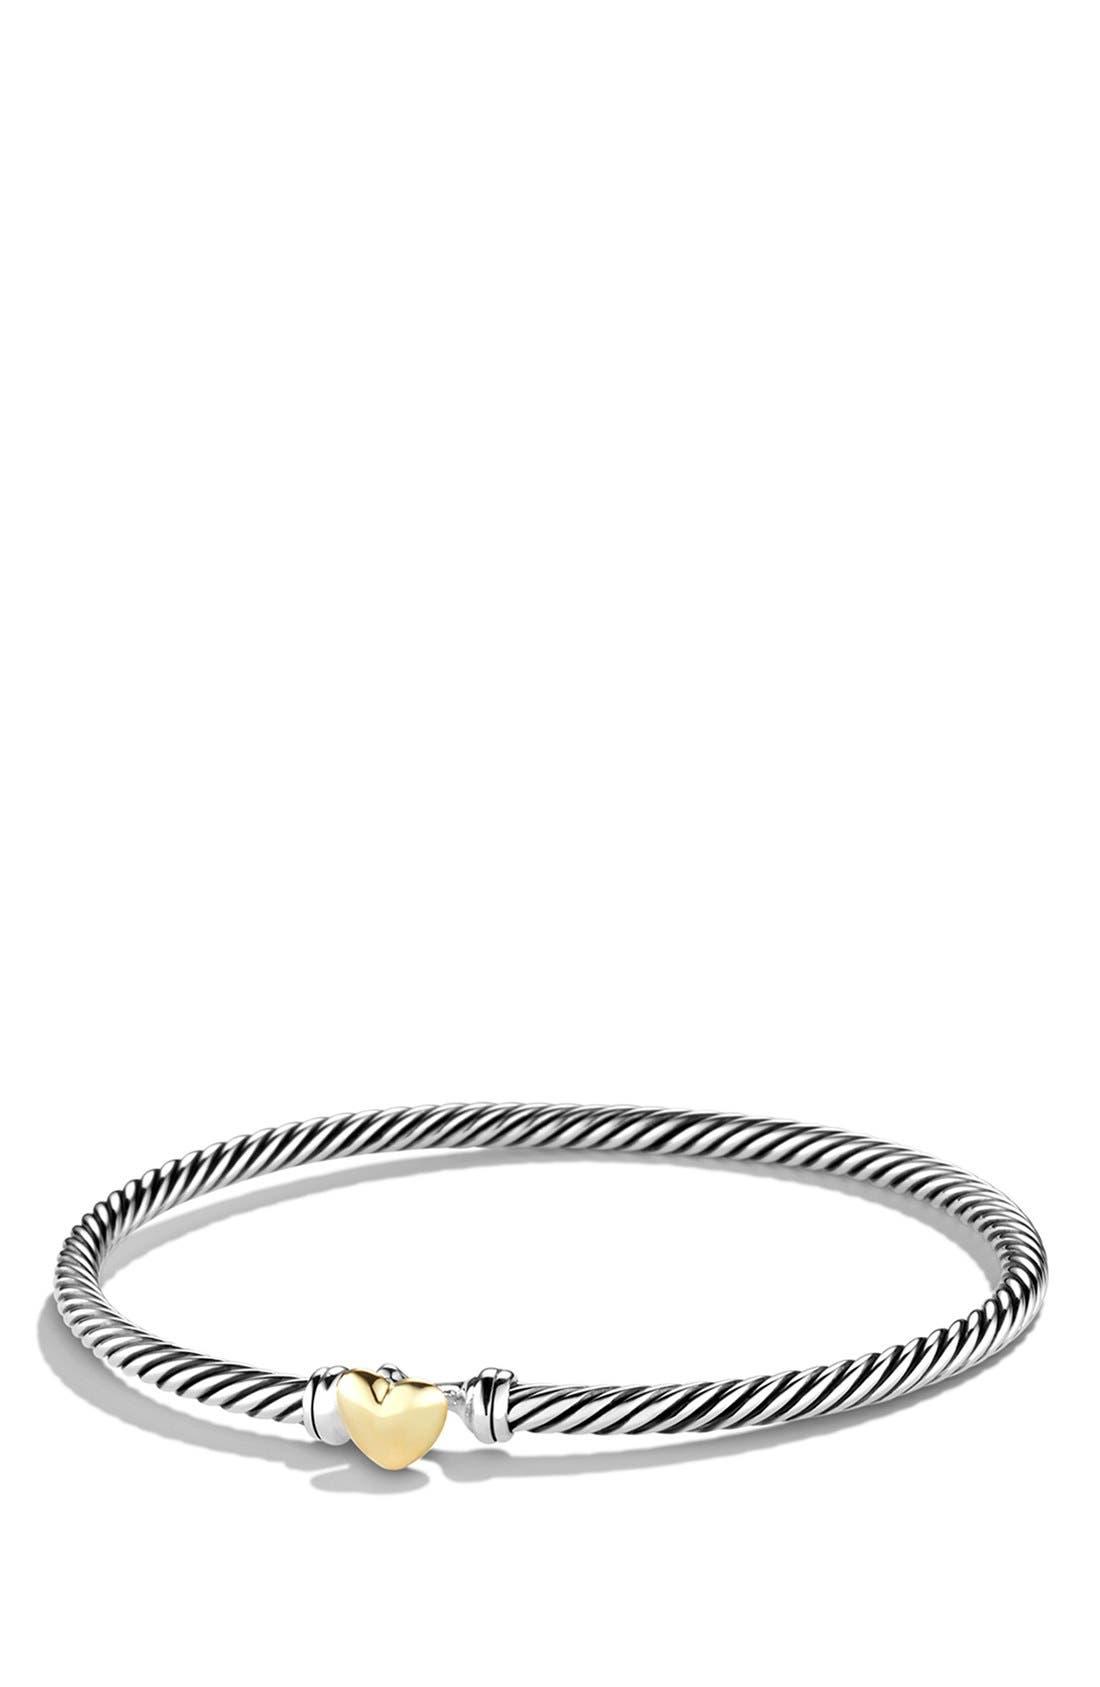 eb4ff2d747e9 David Yurman Bracelets   Bangles for Women